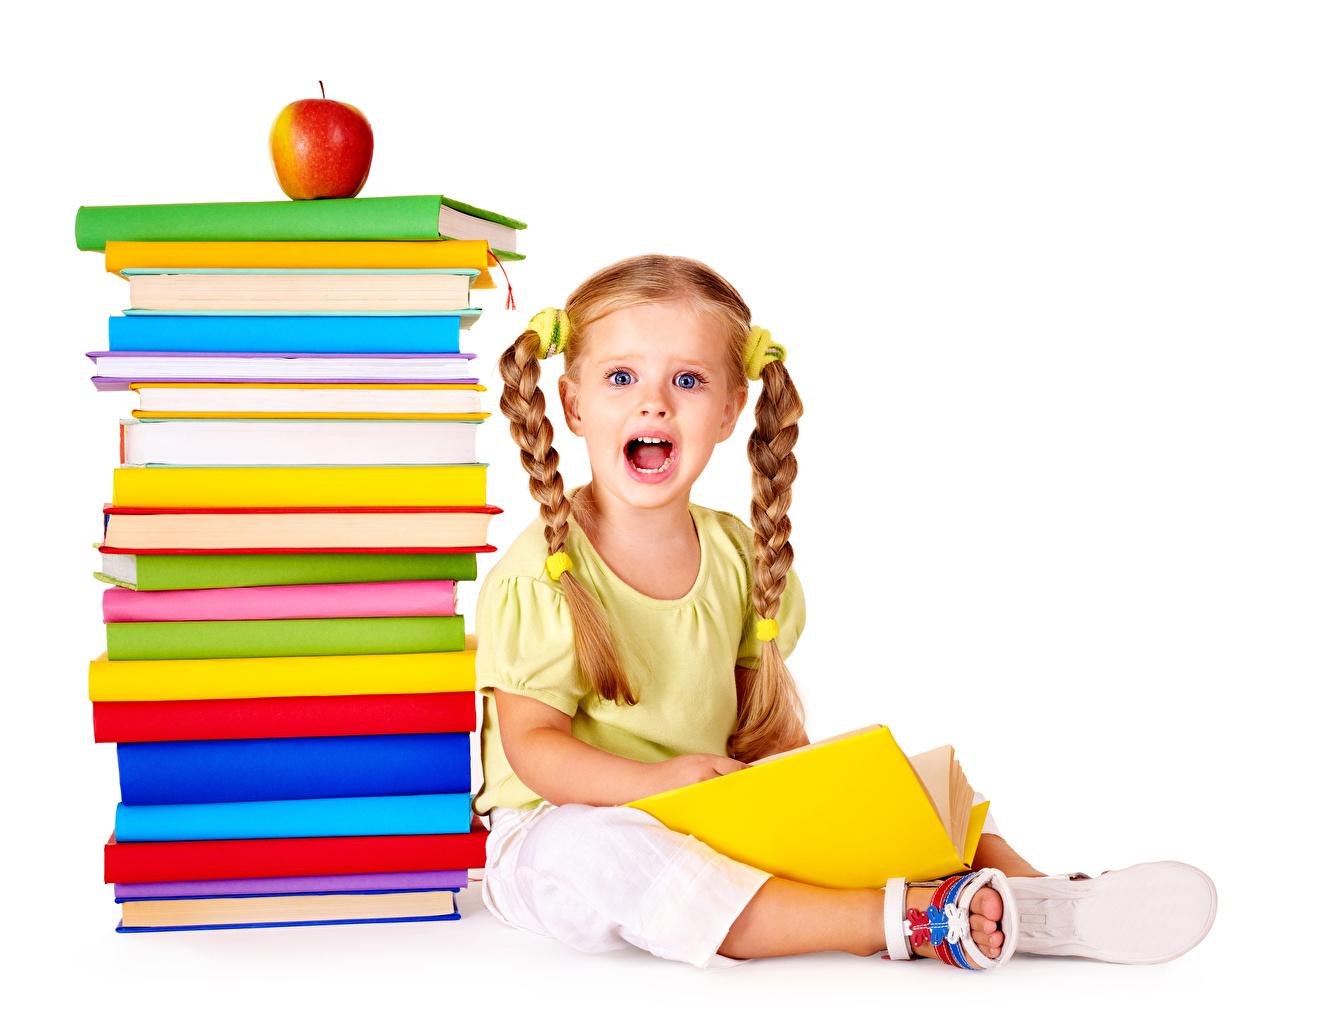 Bilder von Kleine Mädchen Schule Überraschung Kinder Äpfel Buch Weißer hintergrund Staunen Erstaunen